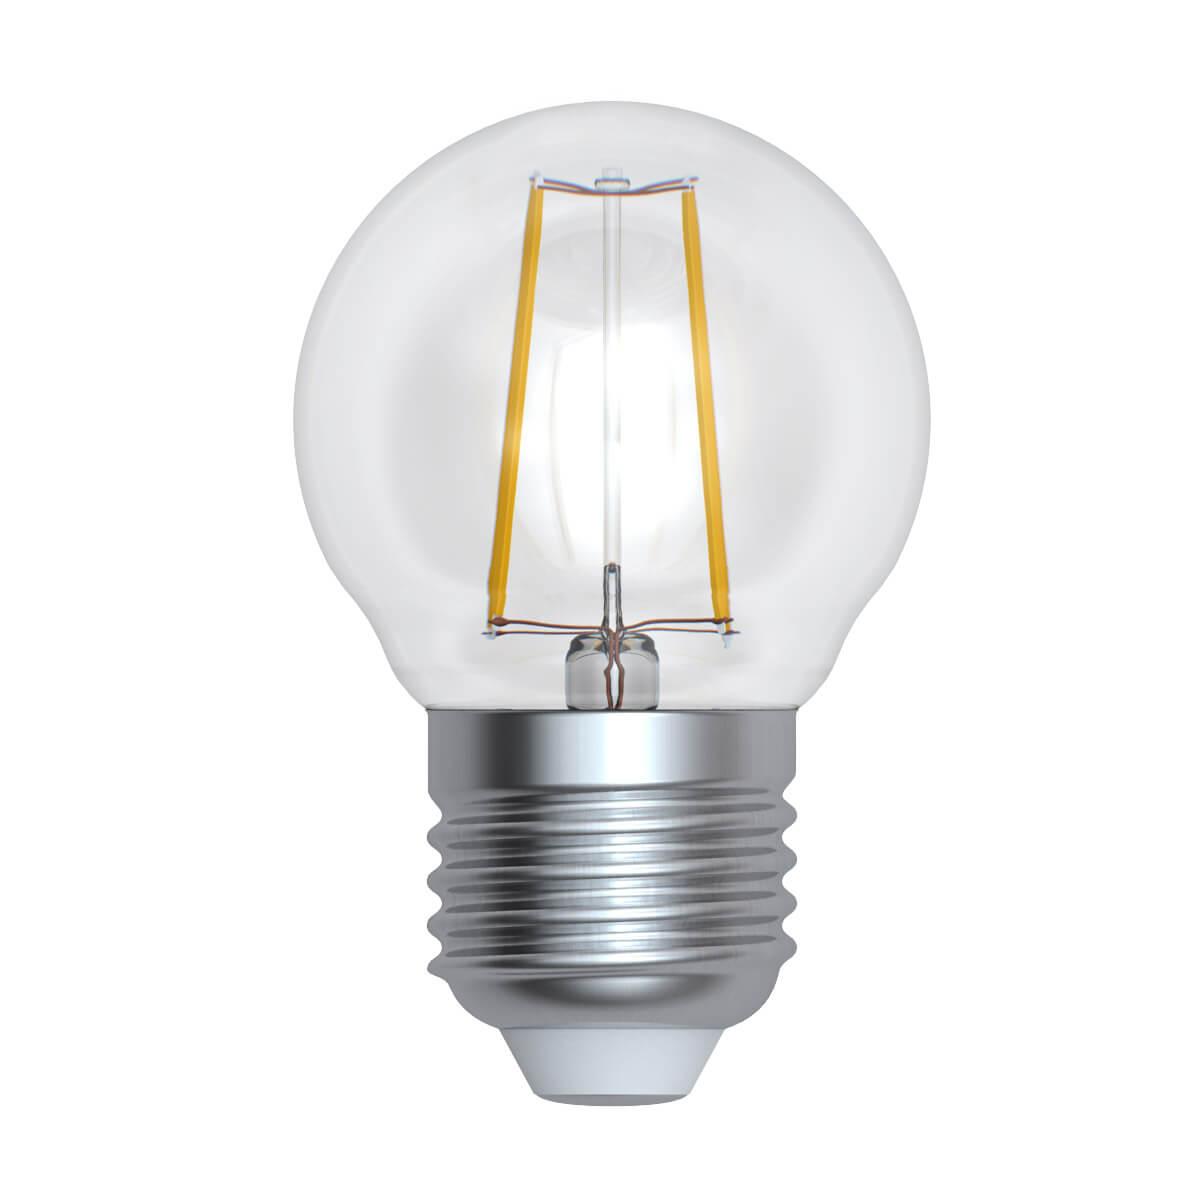 Лампочка Uniel LED-G45-9W/3000K/E27/CL/DIM GLA01TR LED-G45 лампочка uniel led g45 9w 3000k e27 cl pls02wh led g45